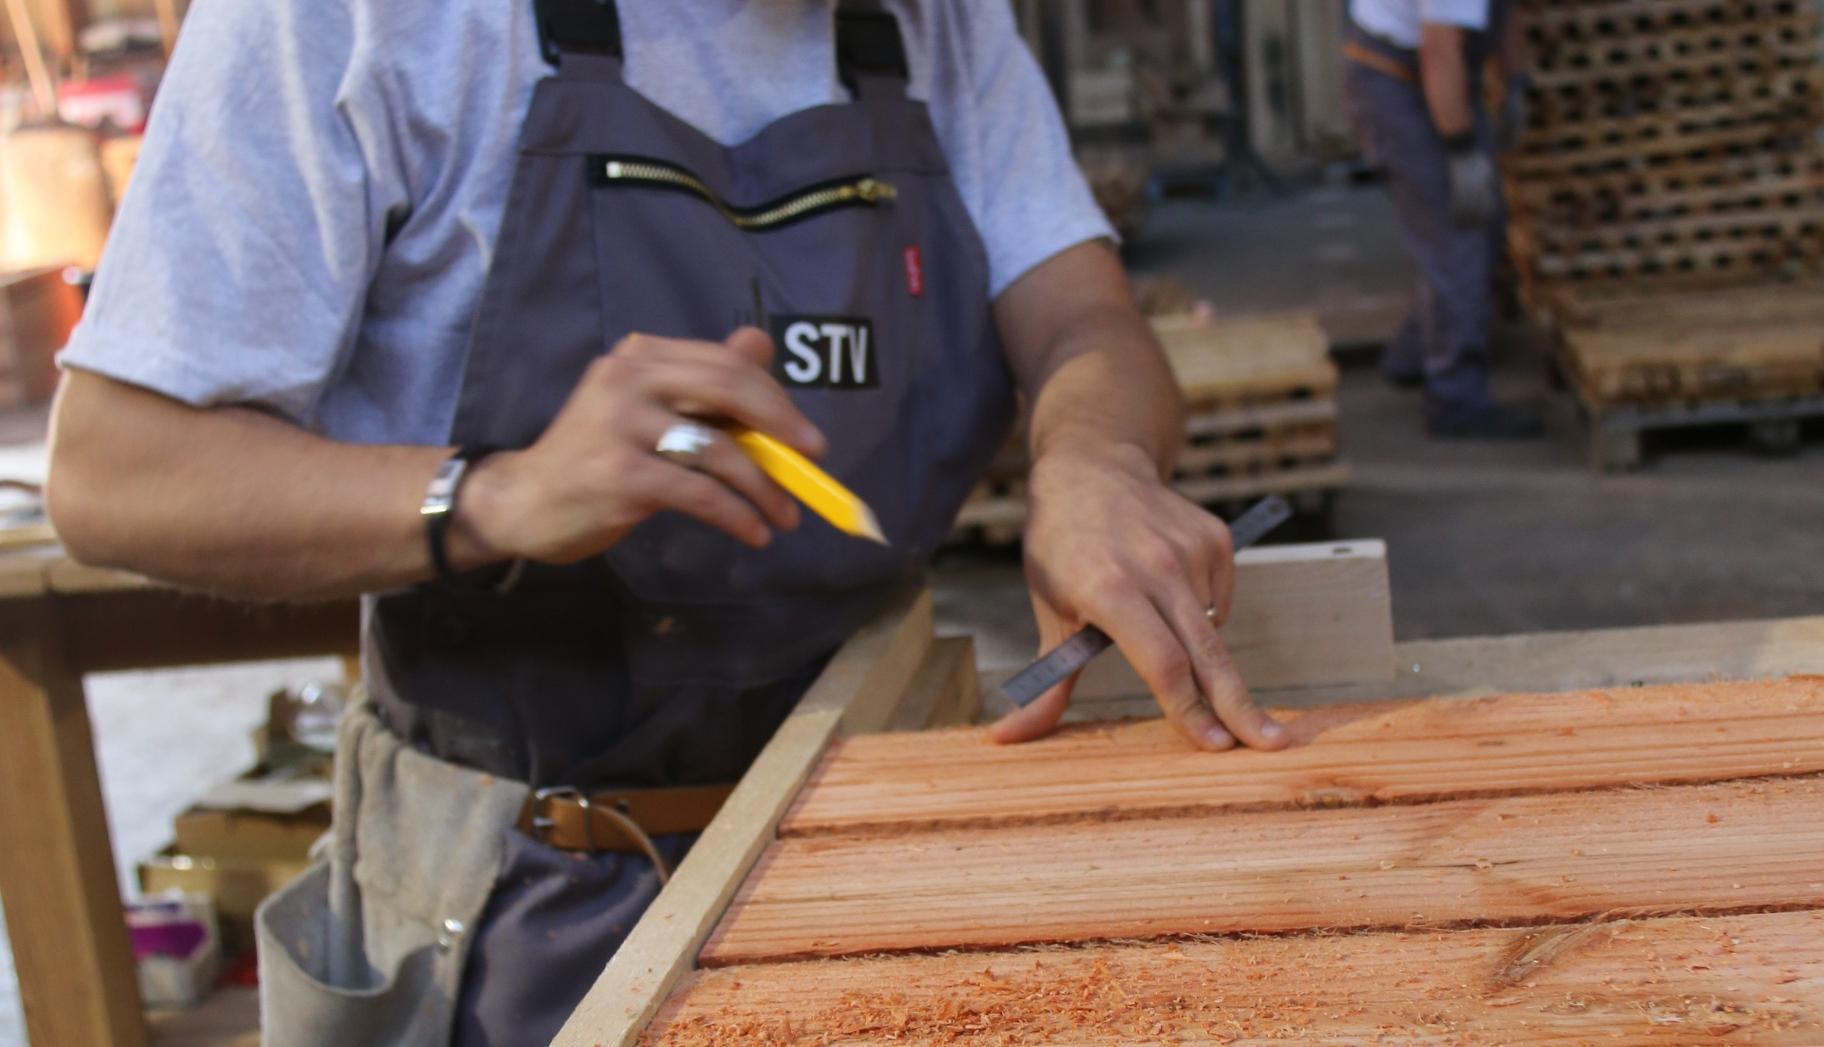 Menuisier travaillant avec une salopette au logo STV.